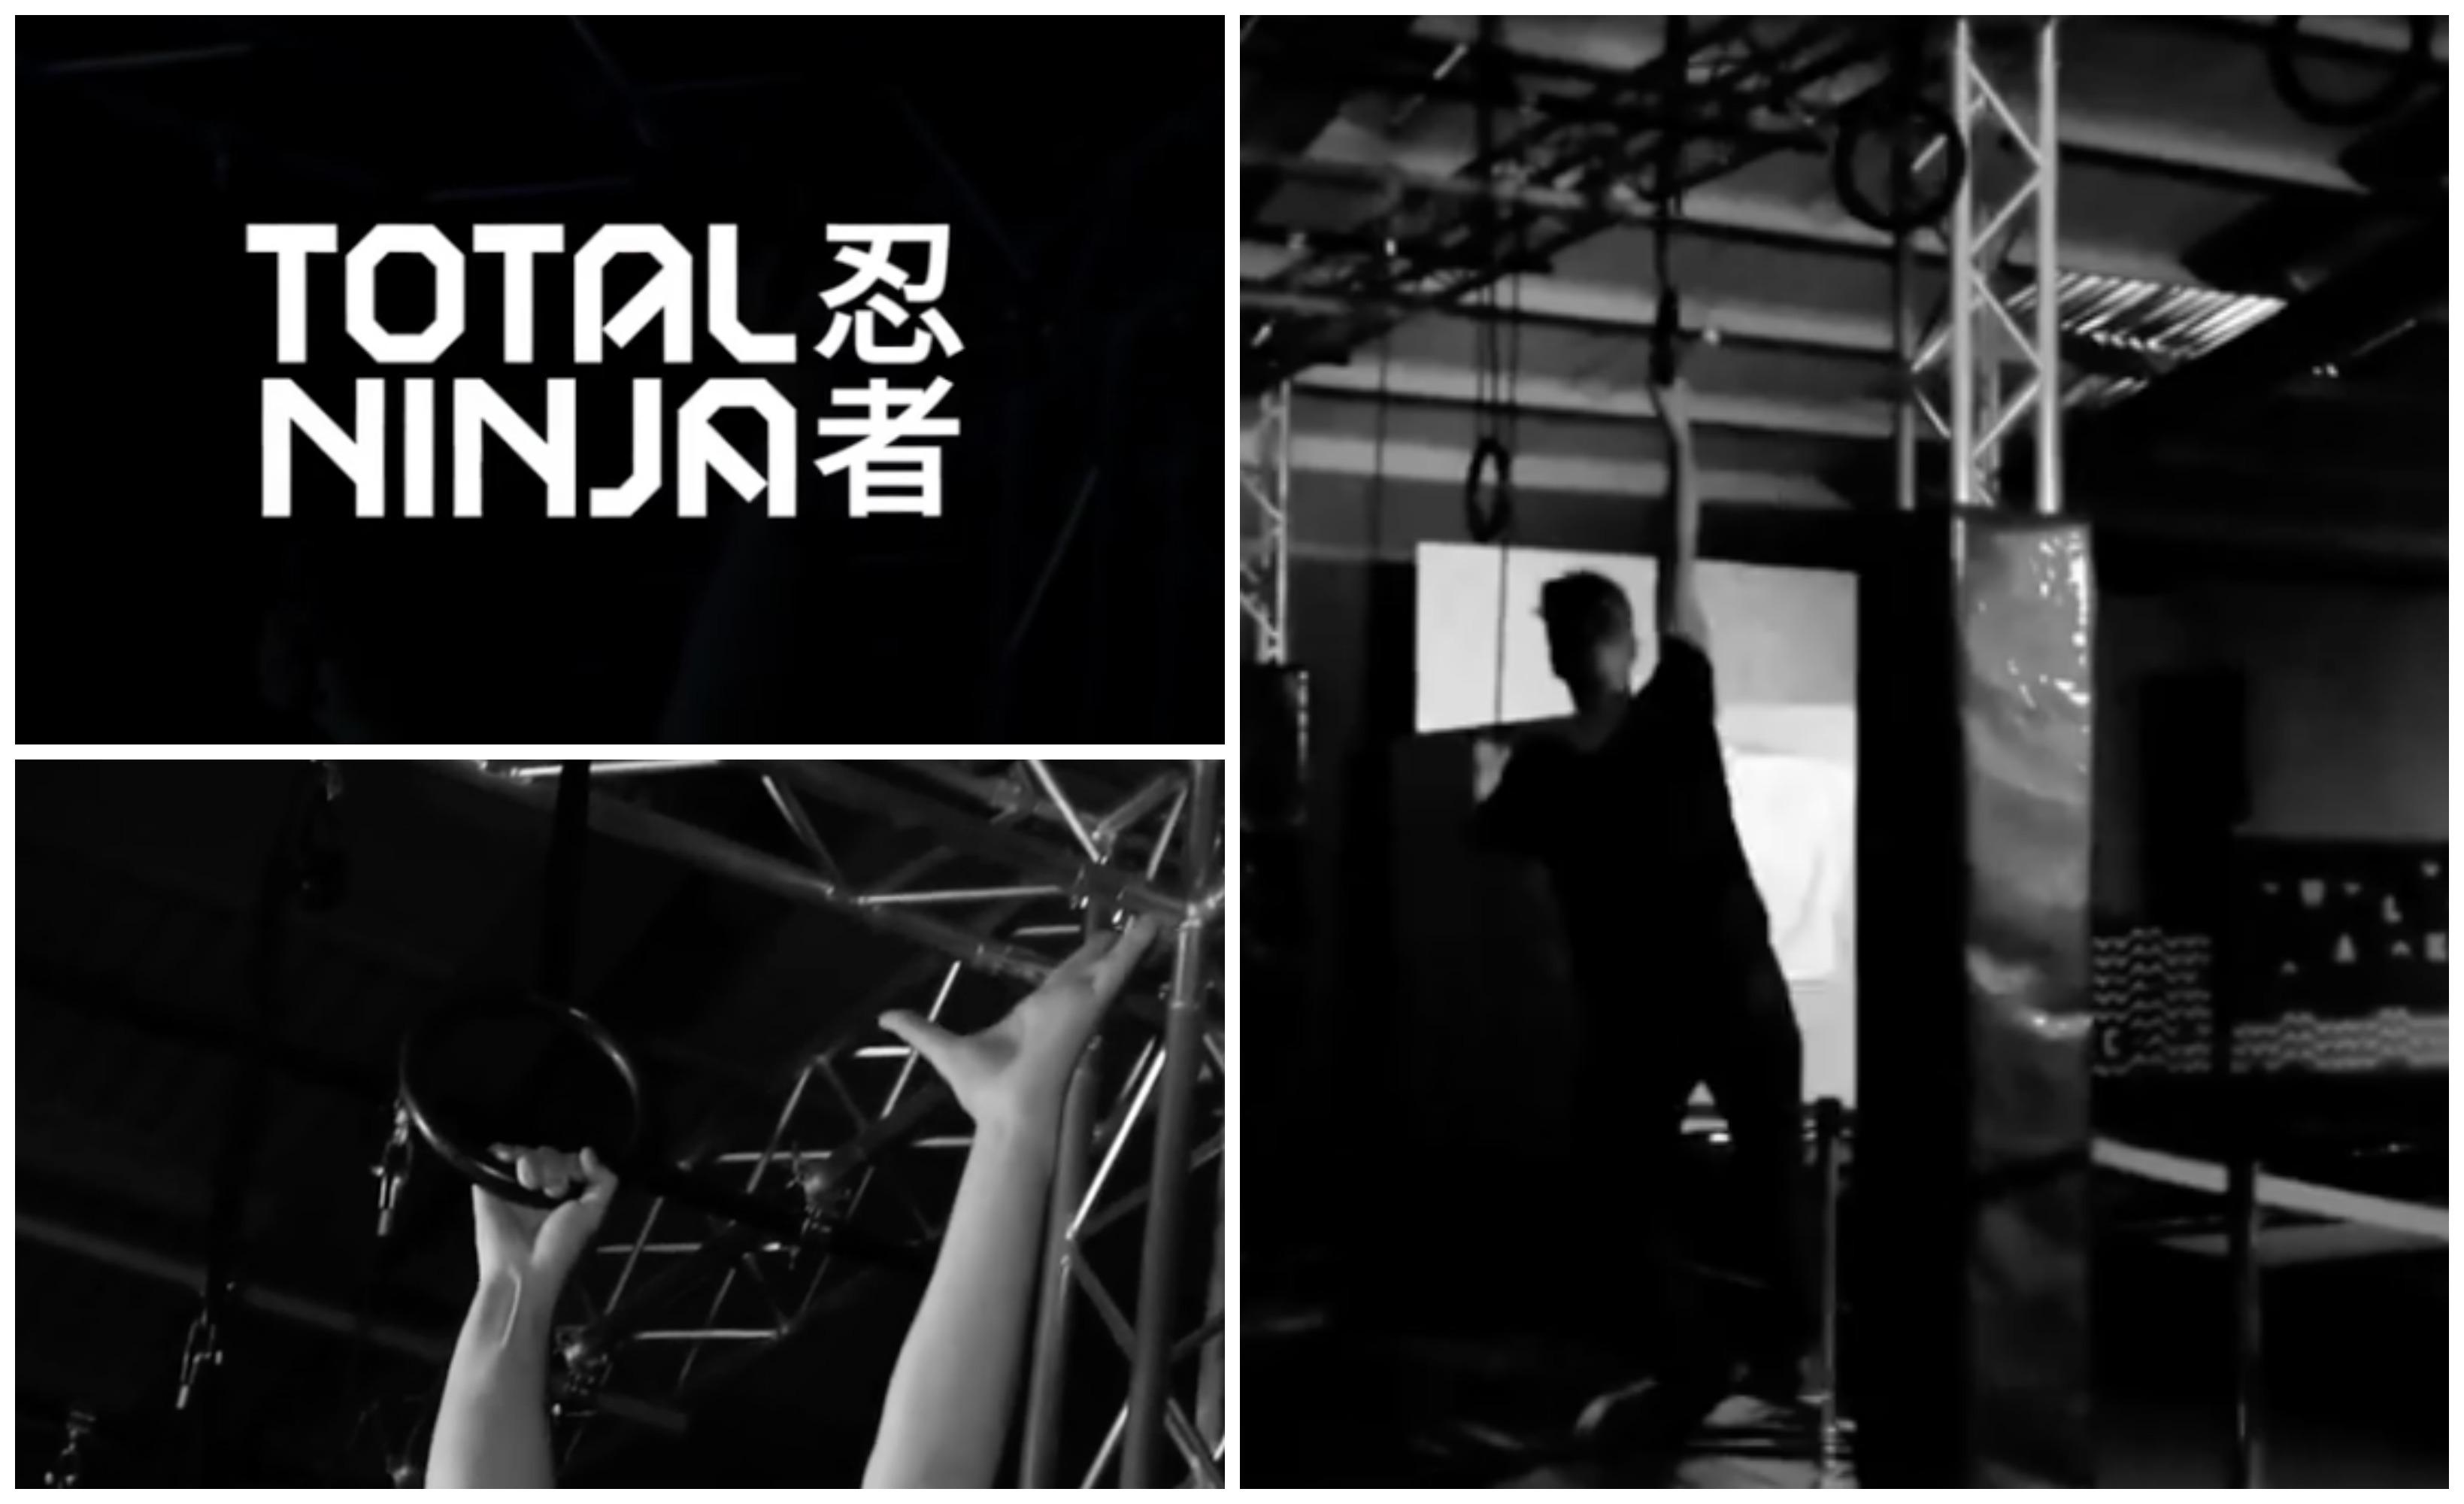 Total Ninja – The World's largest Ninja training park